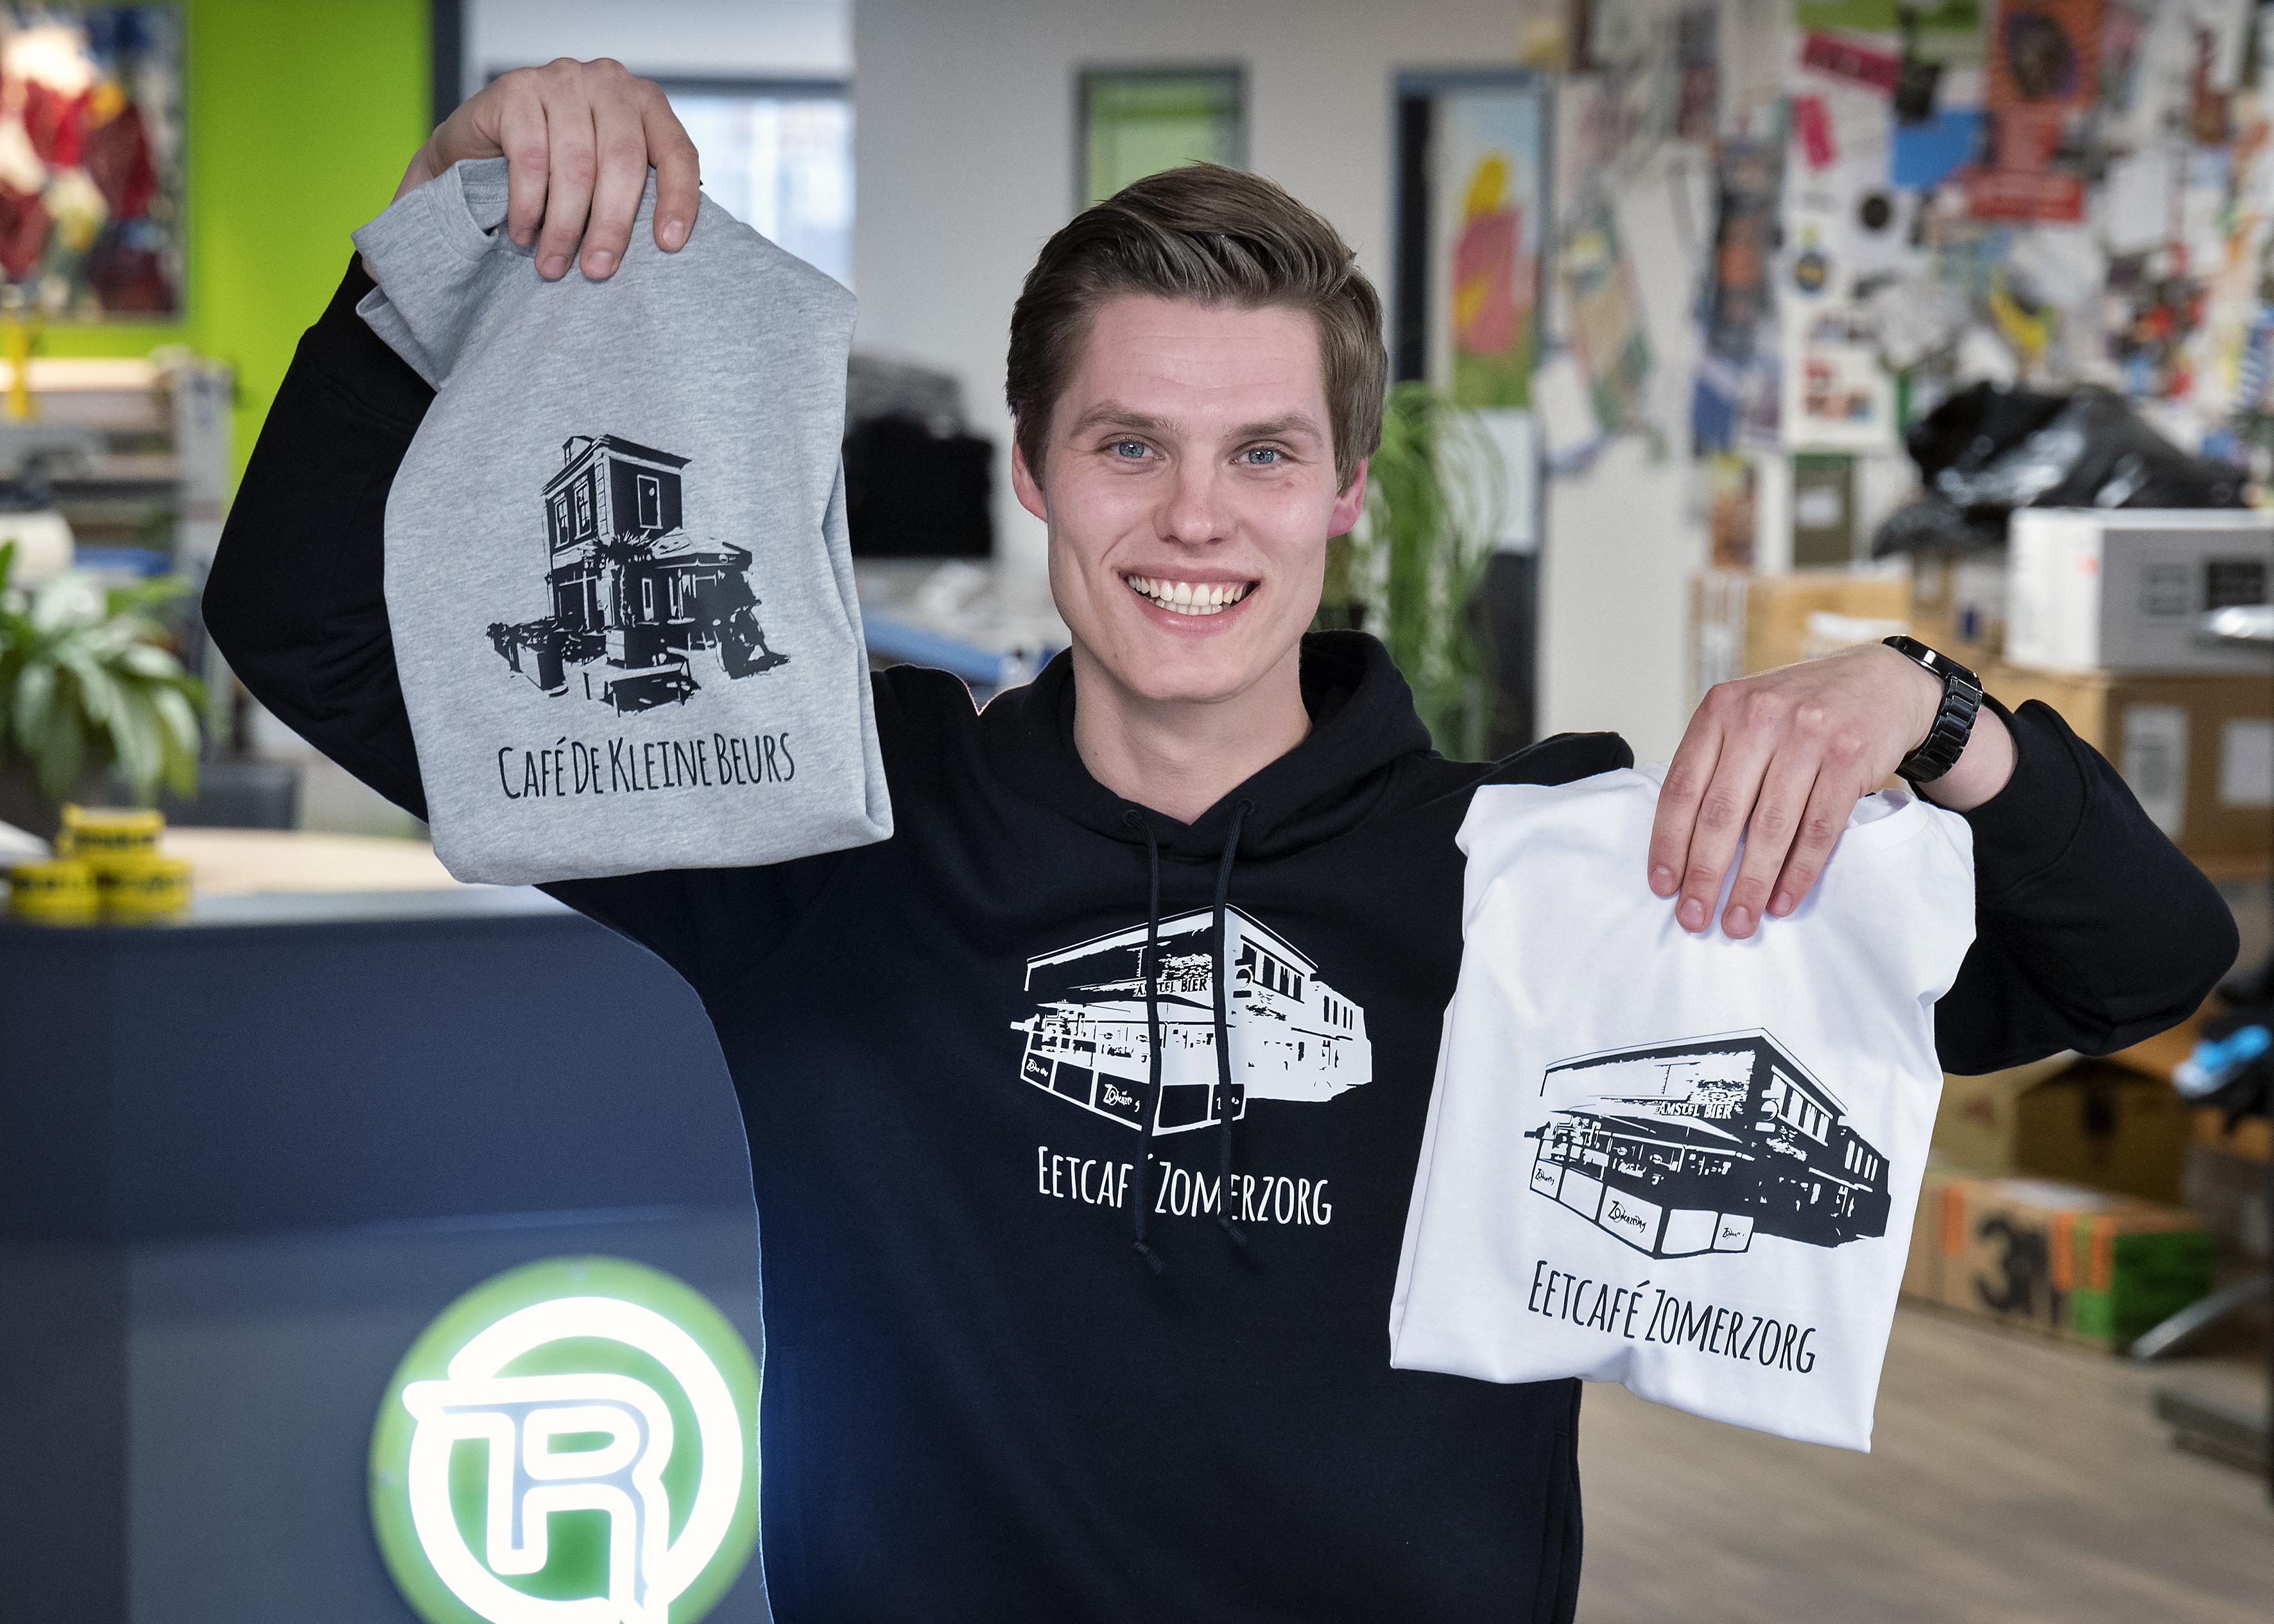 Steun de Hillegomse horeca - koop een shirt! Reclamebureau RET steekt cafés en restaurants hart onder de riem